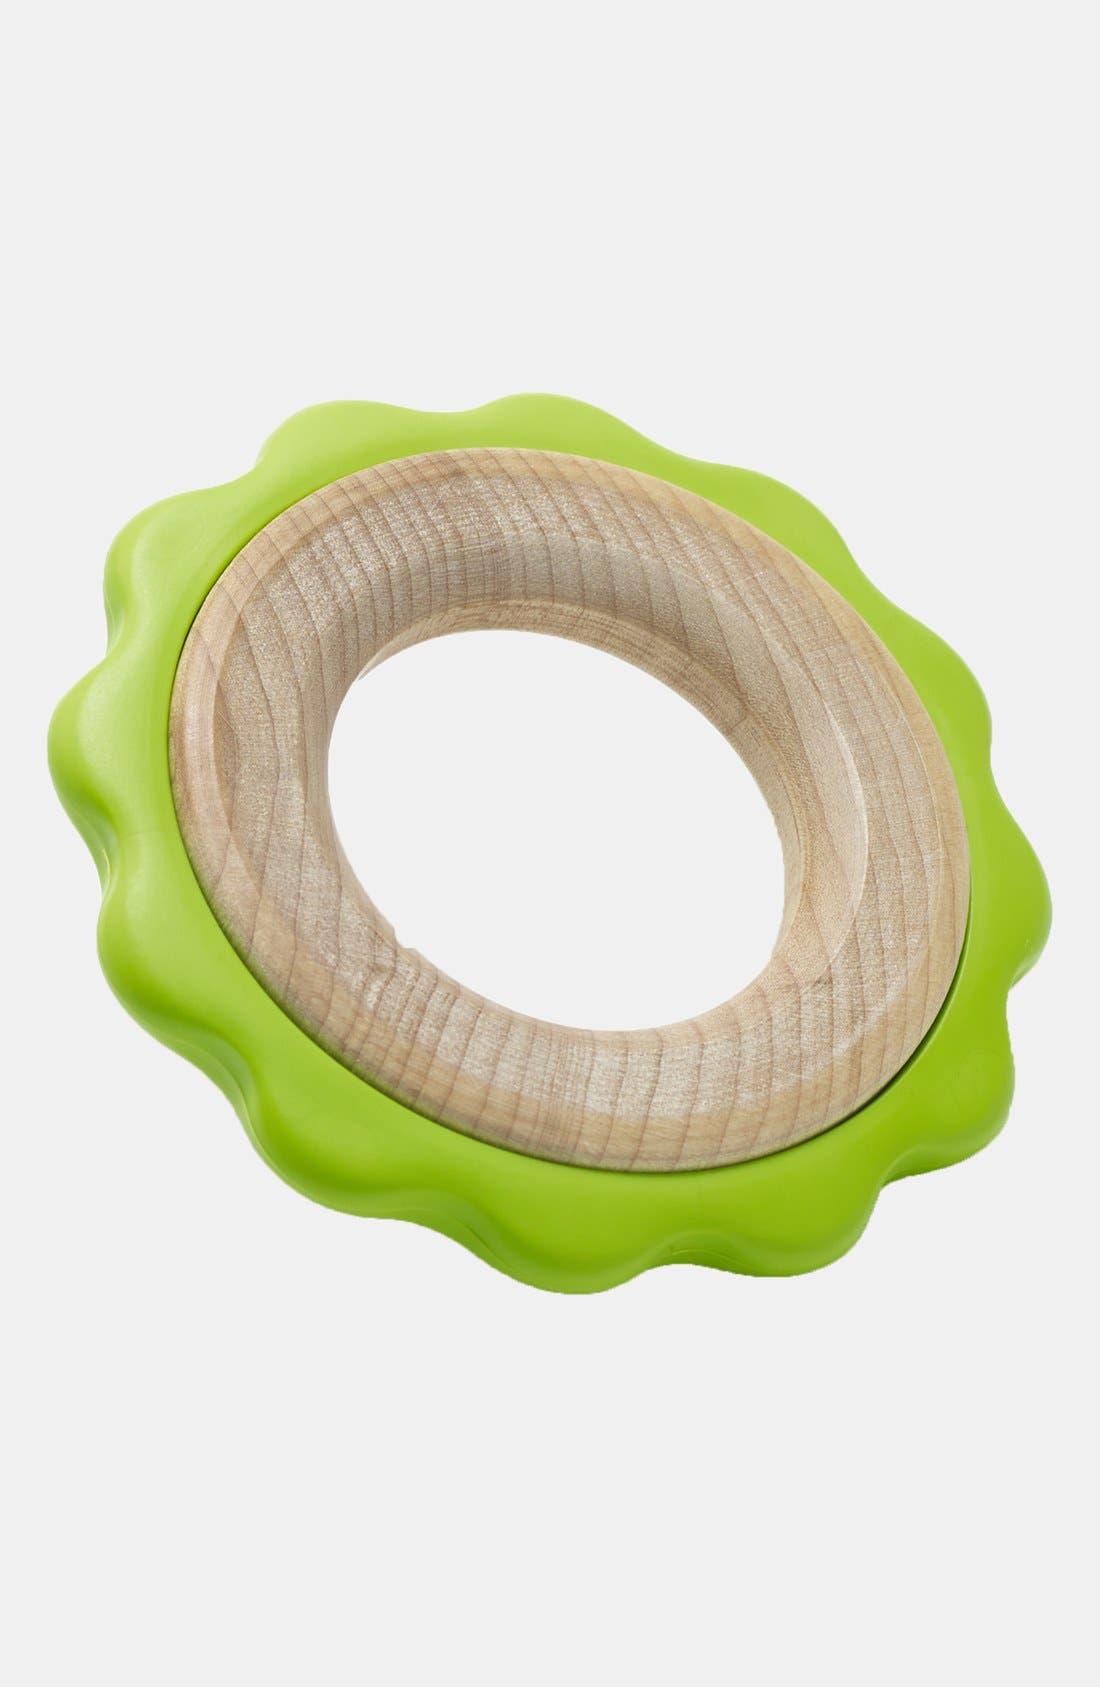 Main Image - BeginAgain Toys Green Ring